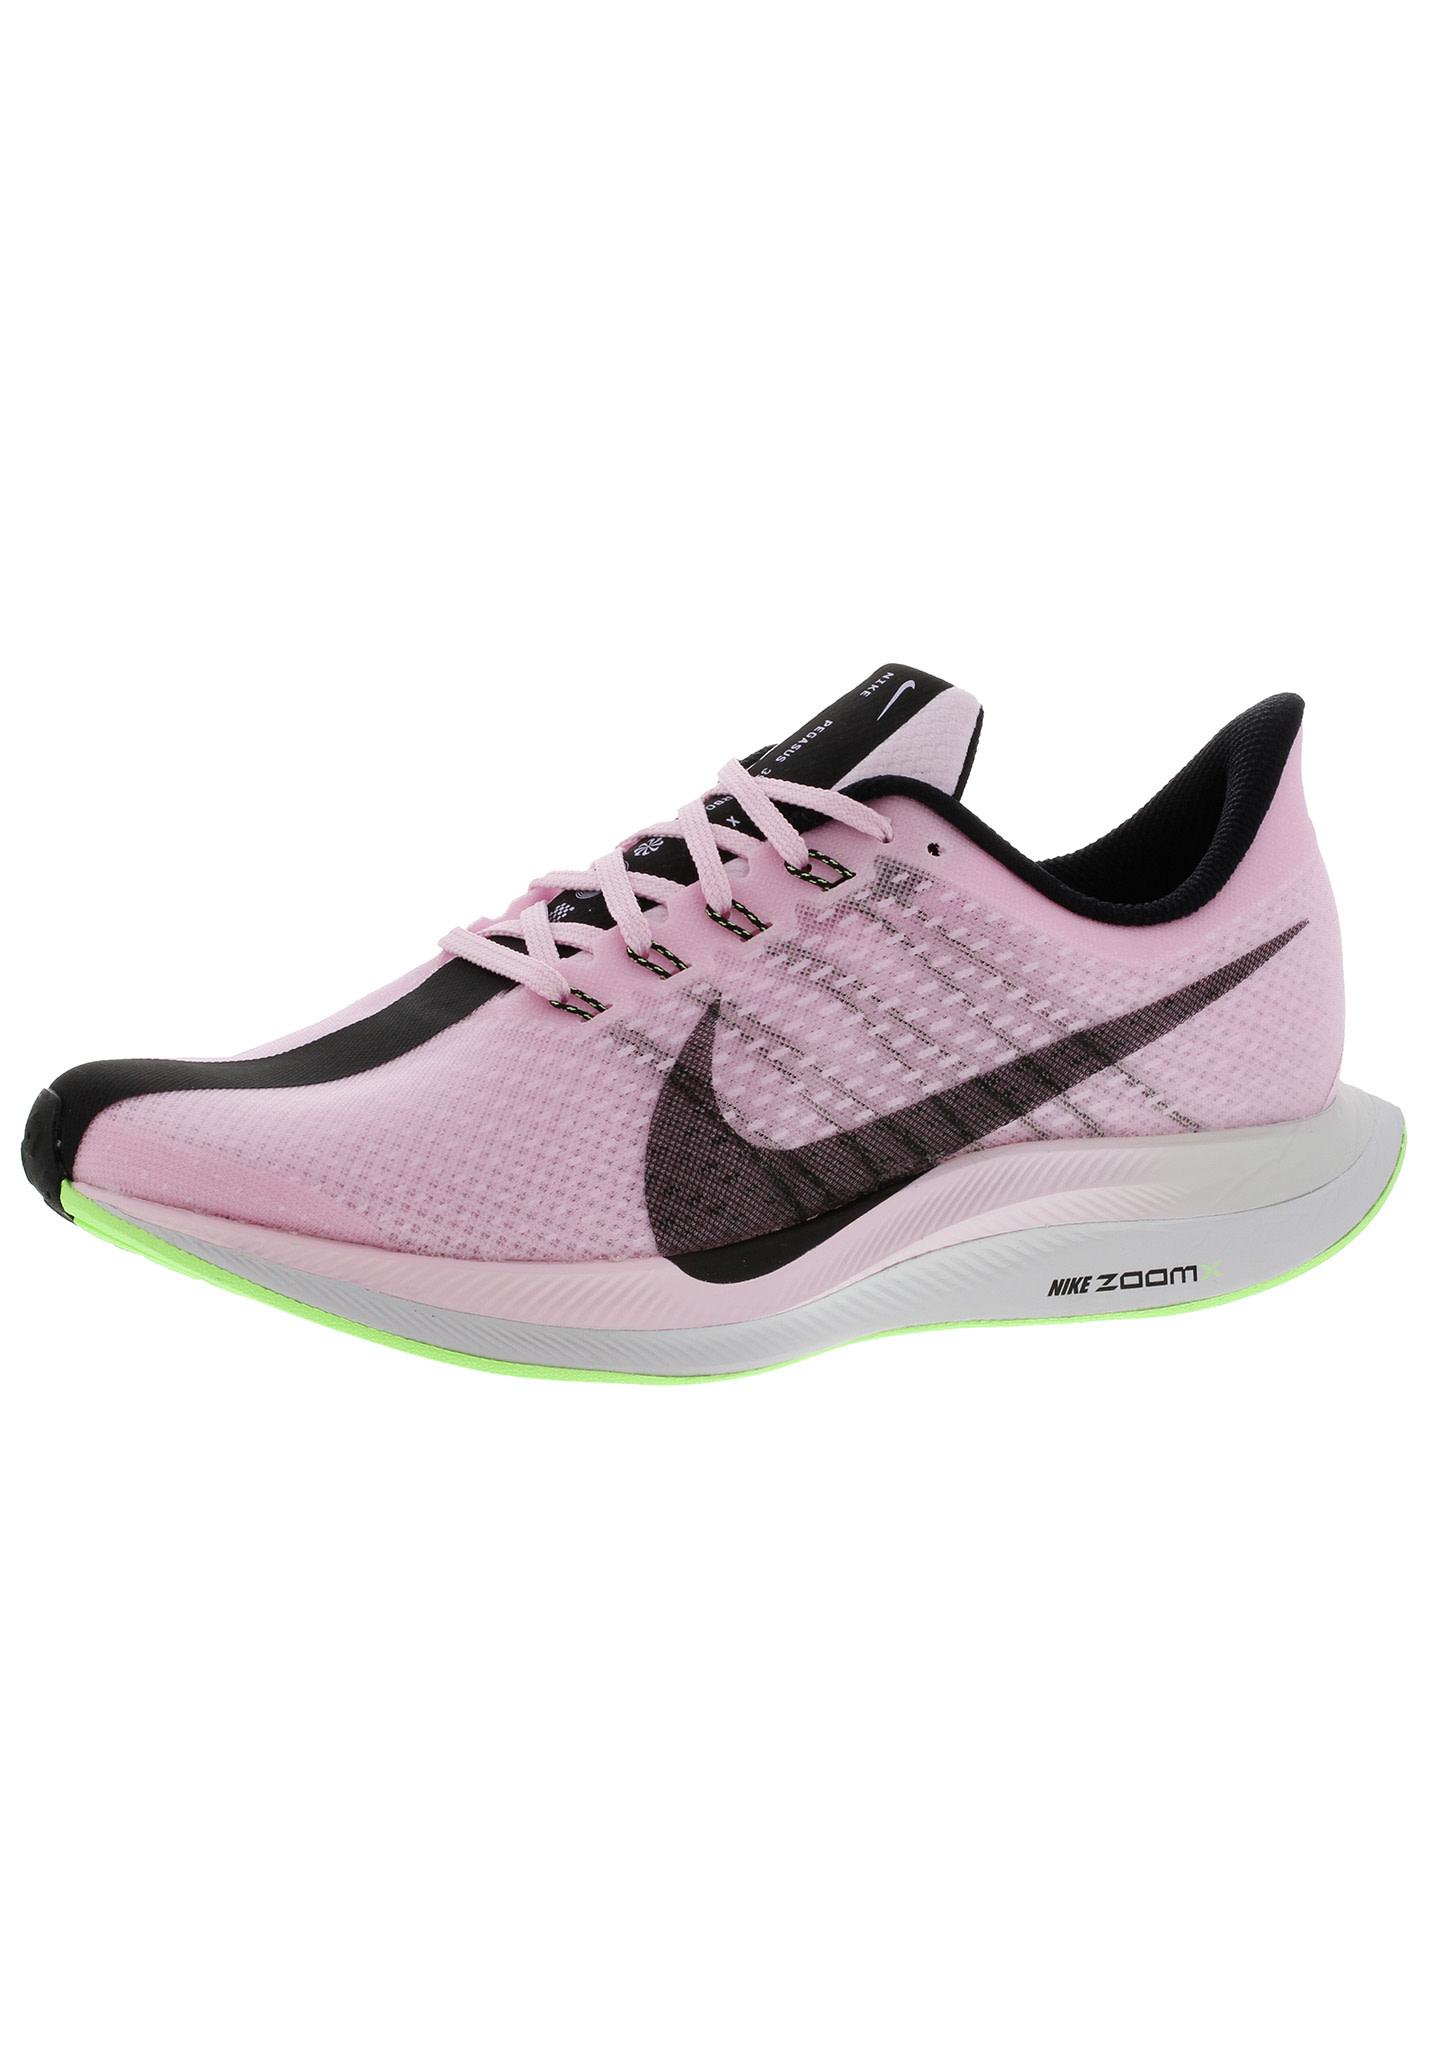 b5de5576b2a9 Nike Zoom Pegasus Turbo - Running shoes for Women - Pink